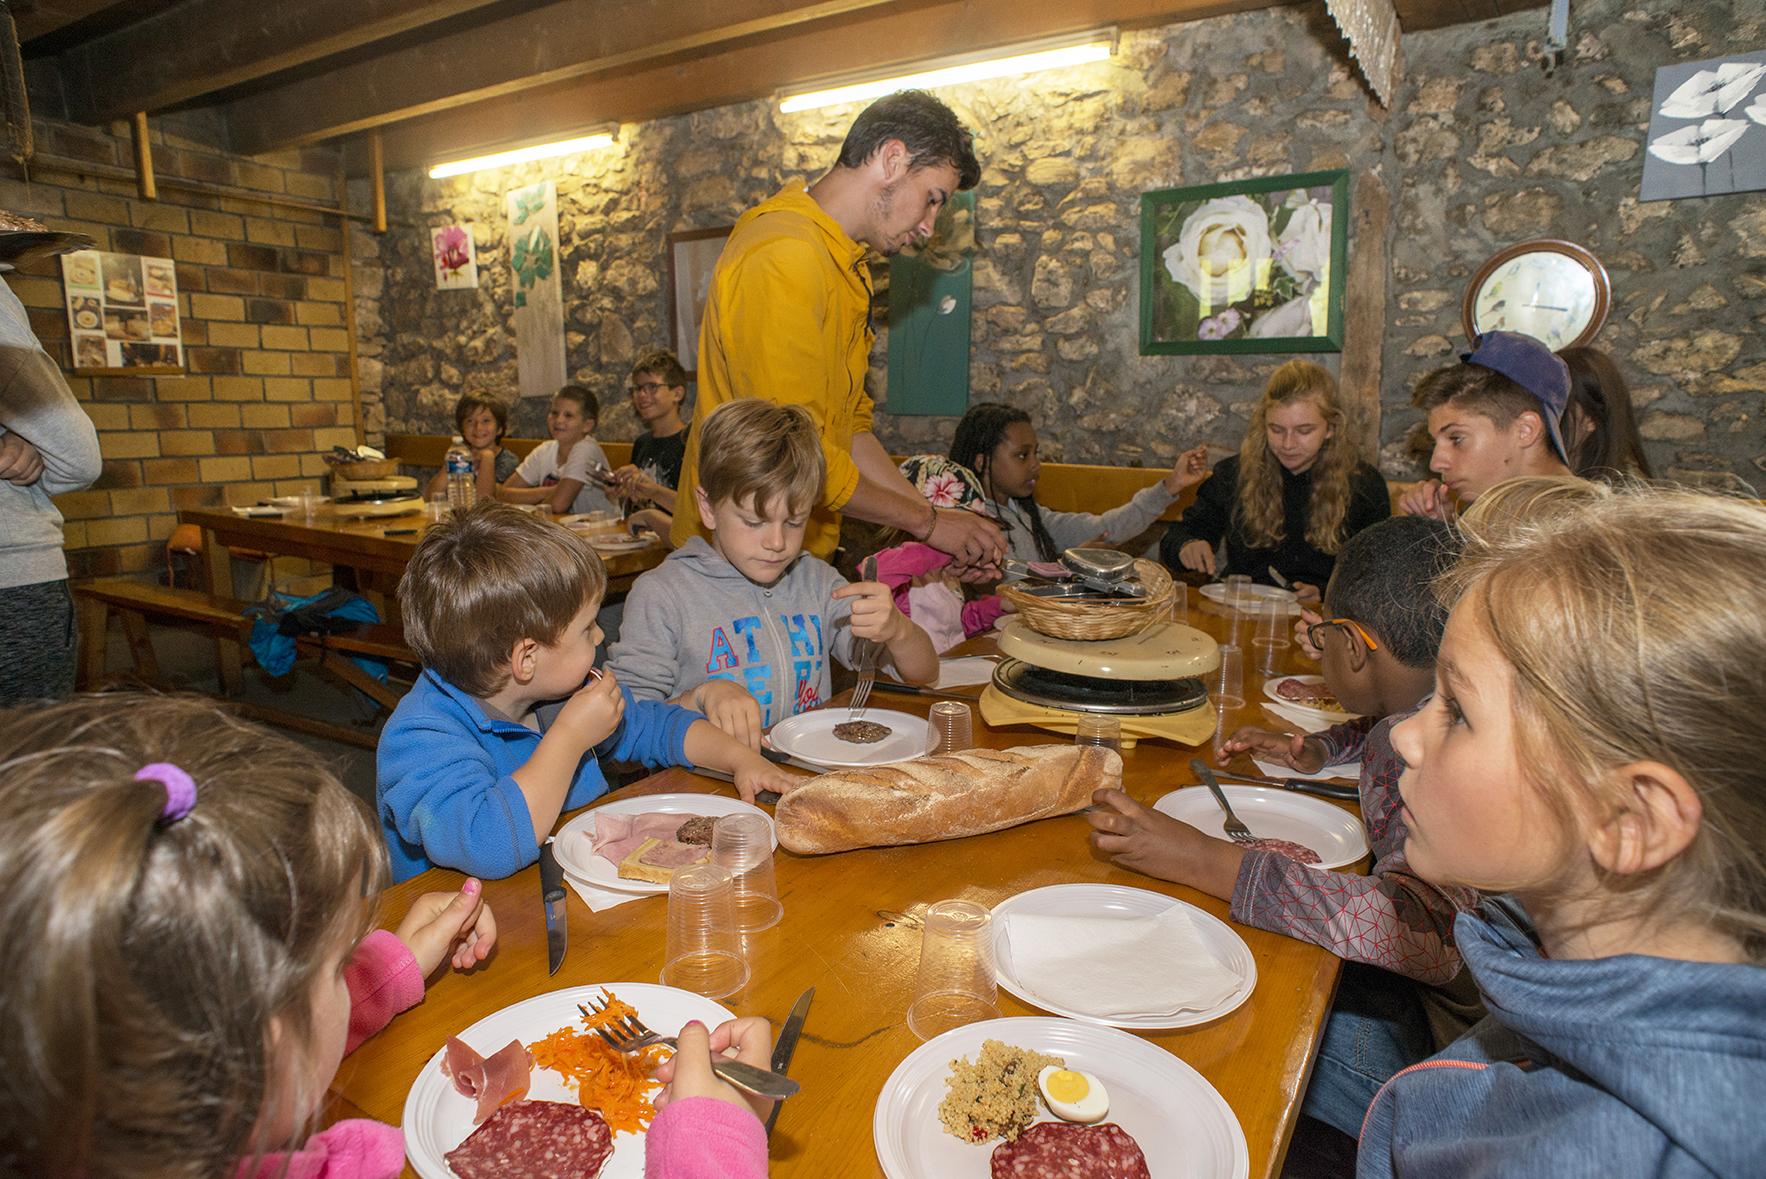 Le Gite des Auvernes - Village Vacances Neige et Plein Air (3)